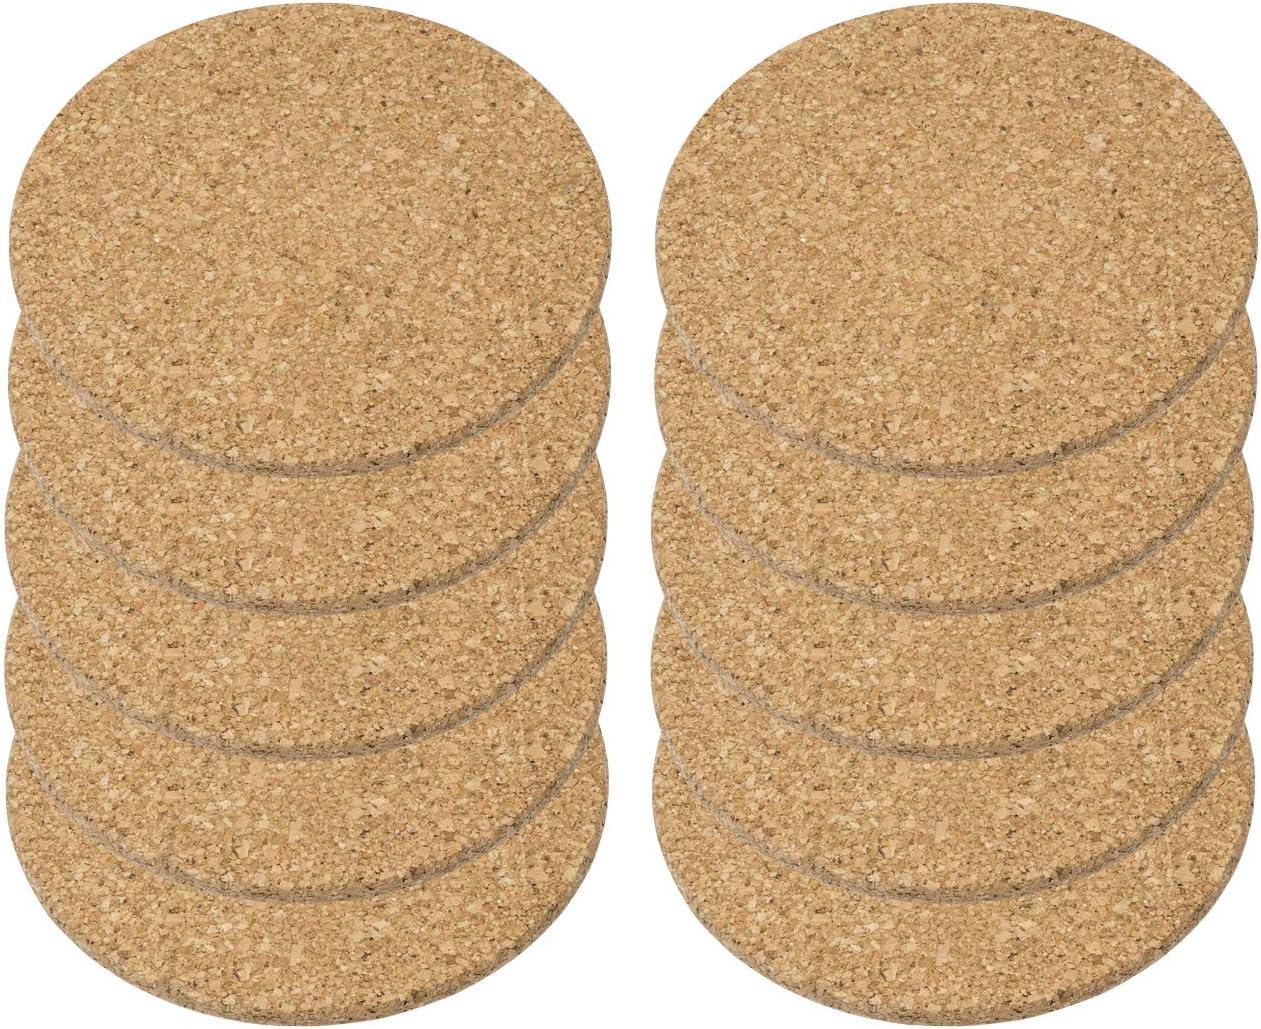 Hauteur : 1 cm Diam/ètre : 19,5 cm Lot de 4 dessous de plat en li/ège Finitions soign/ées Qualit/é sup/érieure